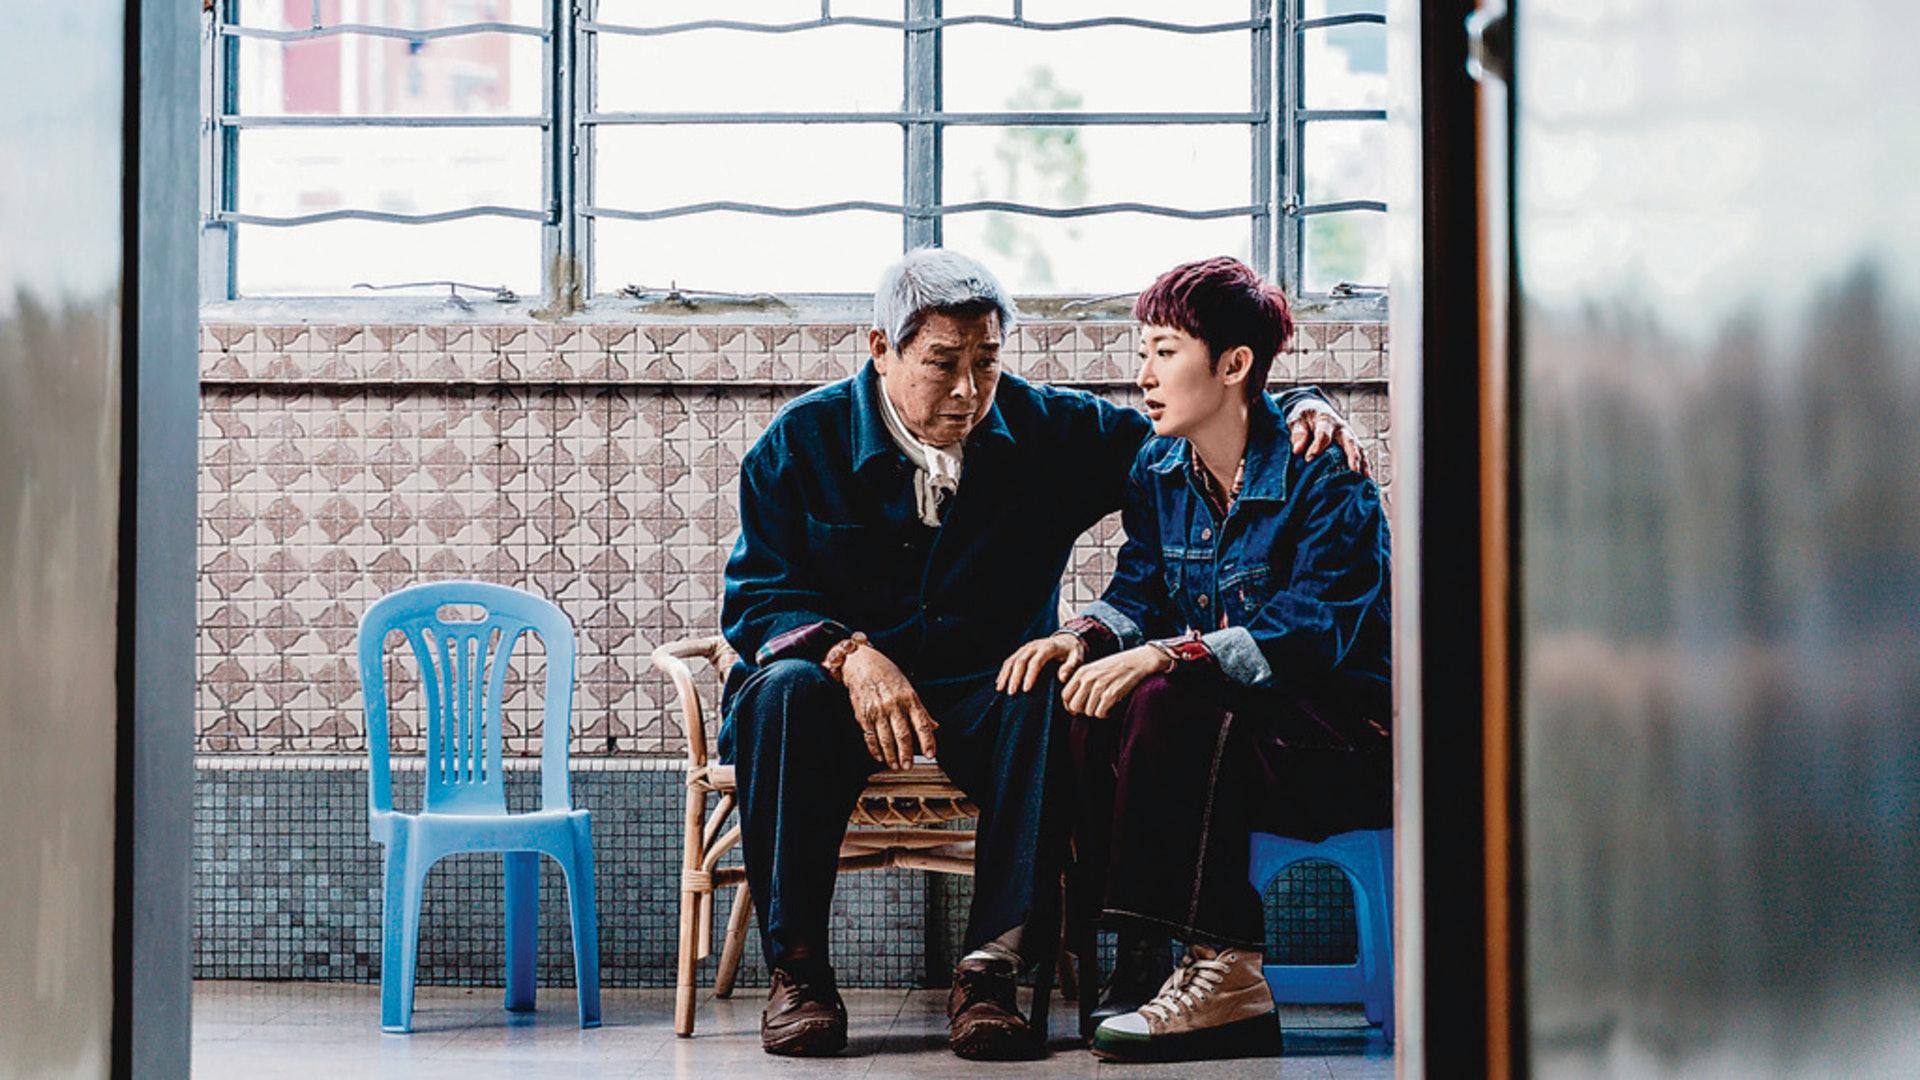 香港觀眾對新式港劇《歎息橋》的反應相對兩極。(《歎息橋》劇照)